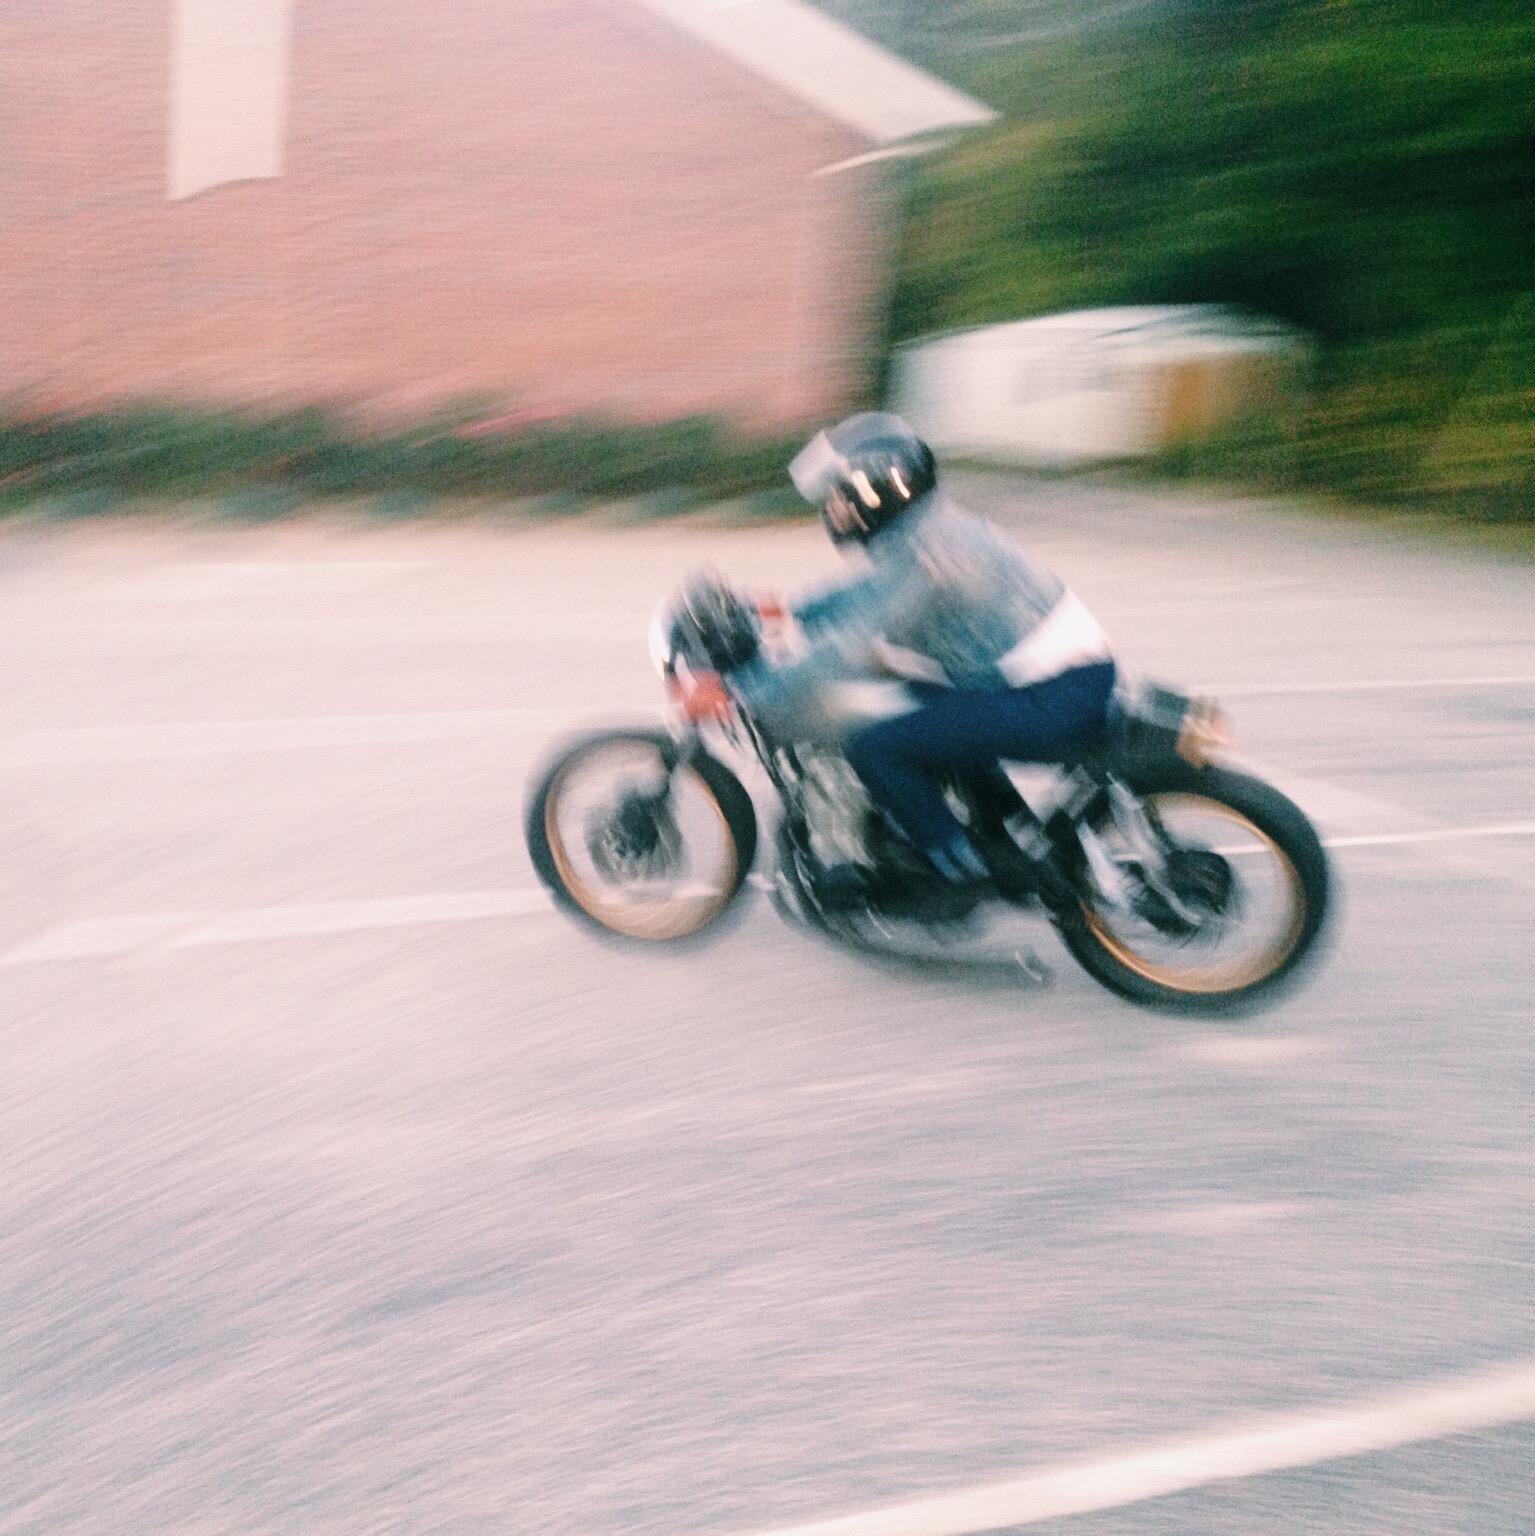 Blurry Moto.JPG